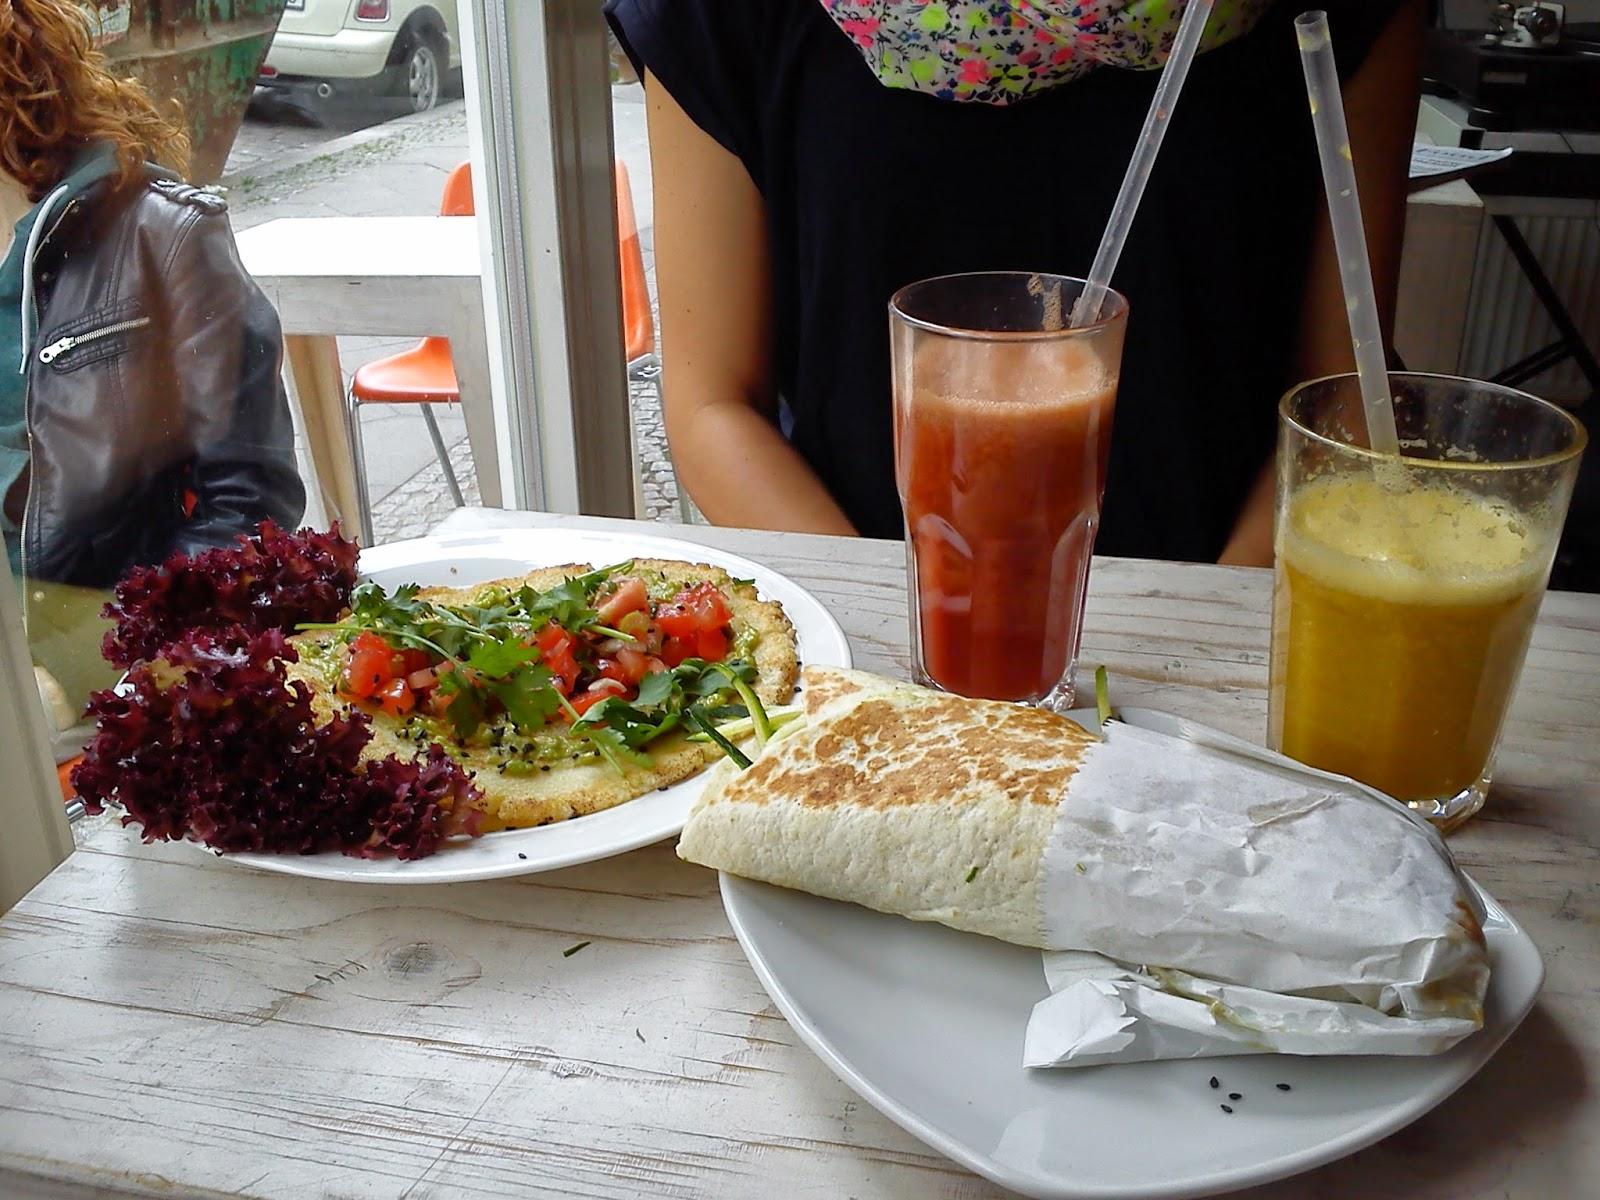 Ihana superfood-aamiainen Berliinissä.